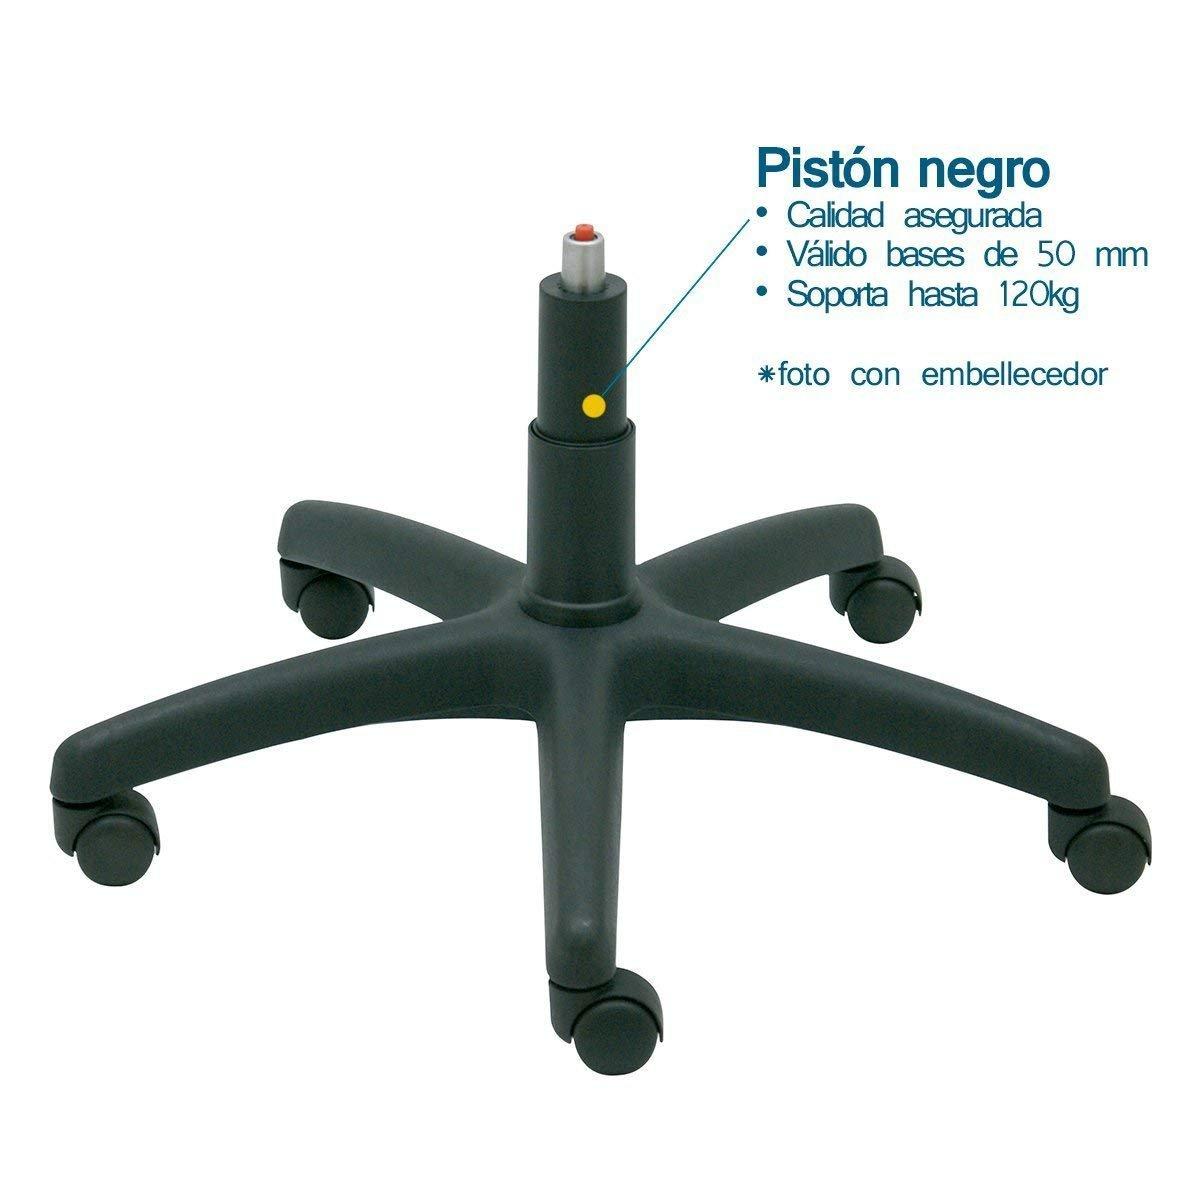 La Silla de Claudia - Pistón de gas estándar corto para silla de oficina muelle repuesto de calidad sillas giratoria soporta 120 kg